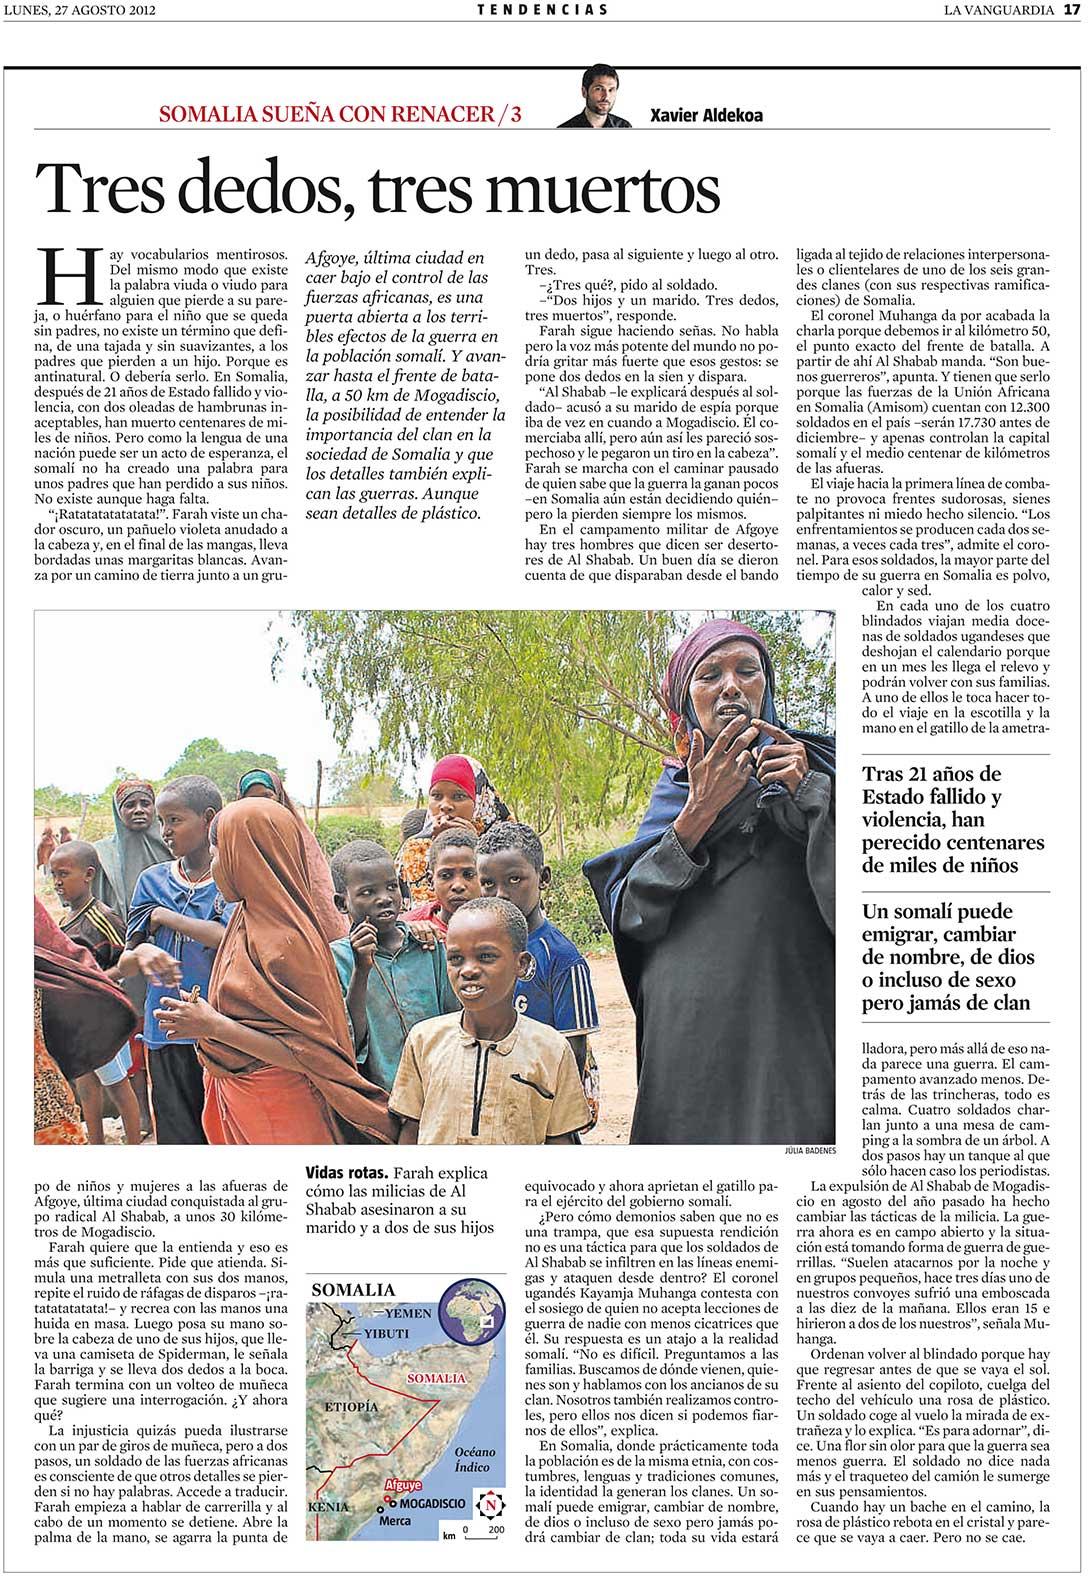 Somalia_Capitulo_3